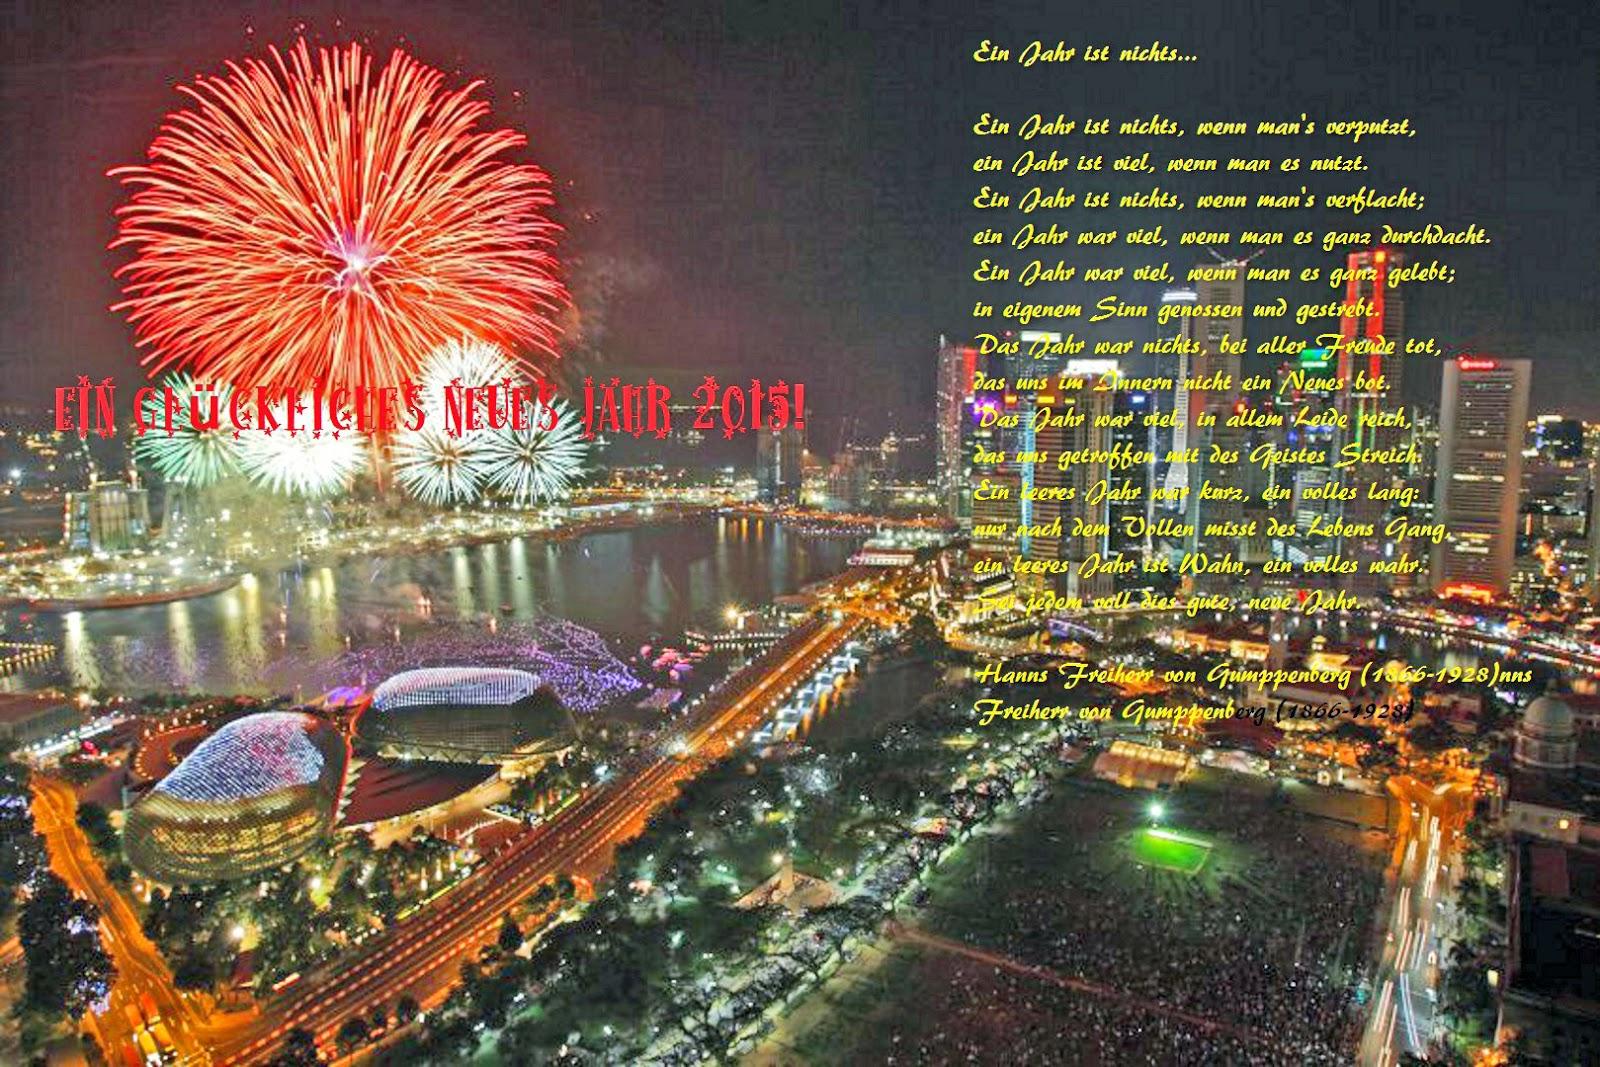 Ein glückliches Neues Jahr 2015!   Gerrys Blog